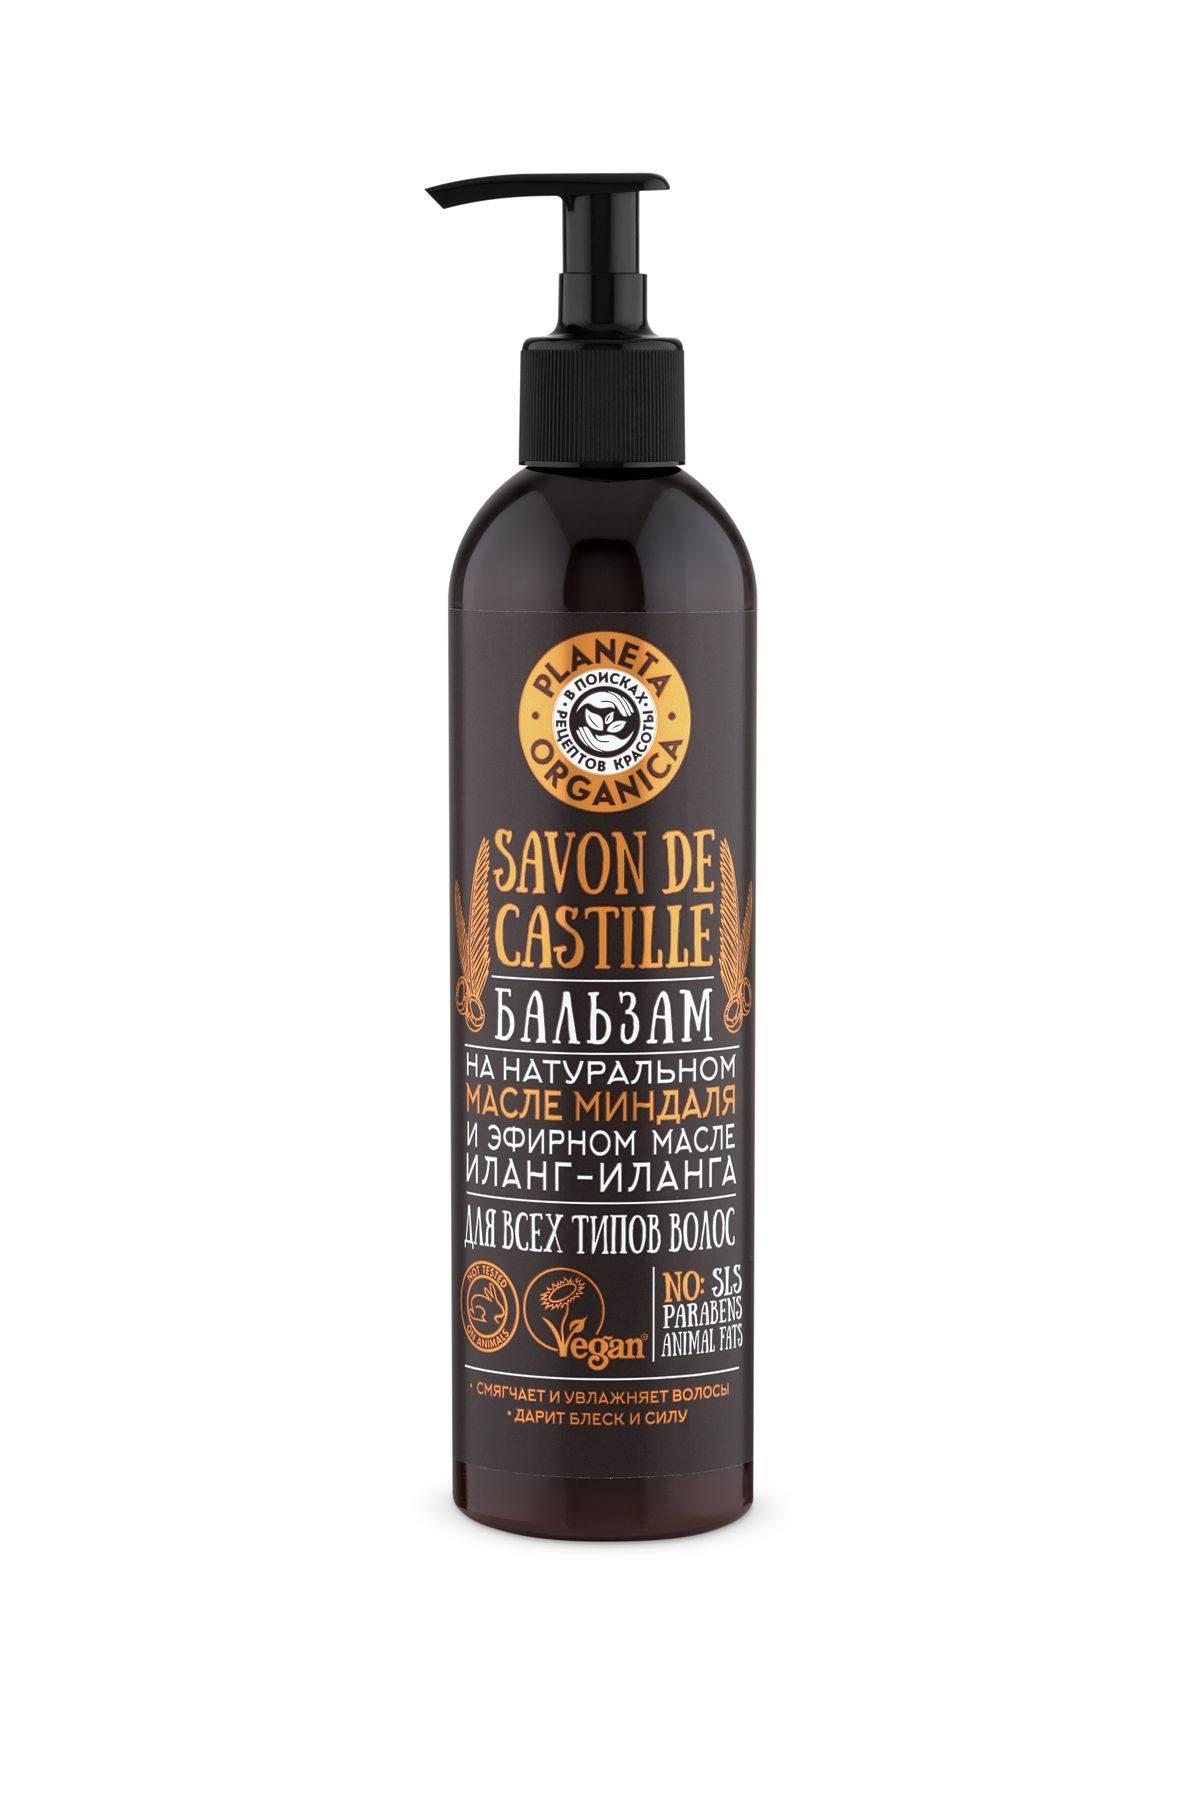 Купить Planeta Organica Savon de Бальзам для всех типов волос Savon de Castille, 400 мл (shop: Organic-shops Organic shops)